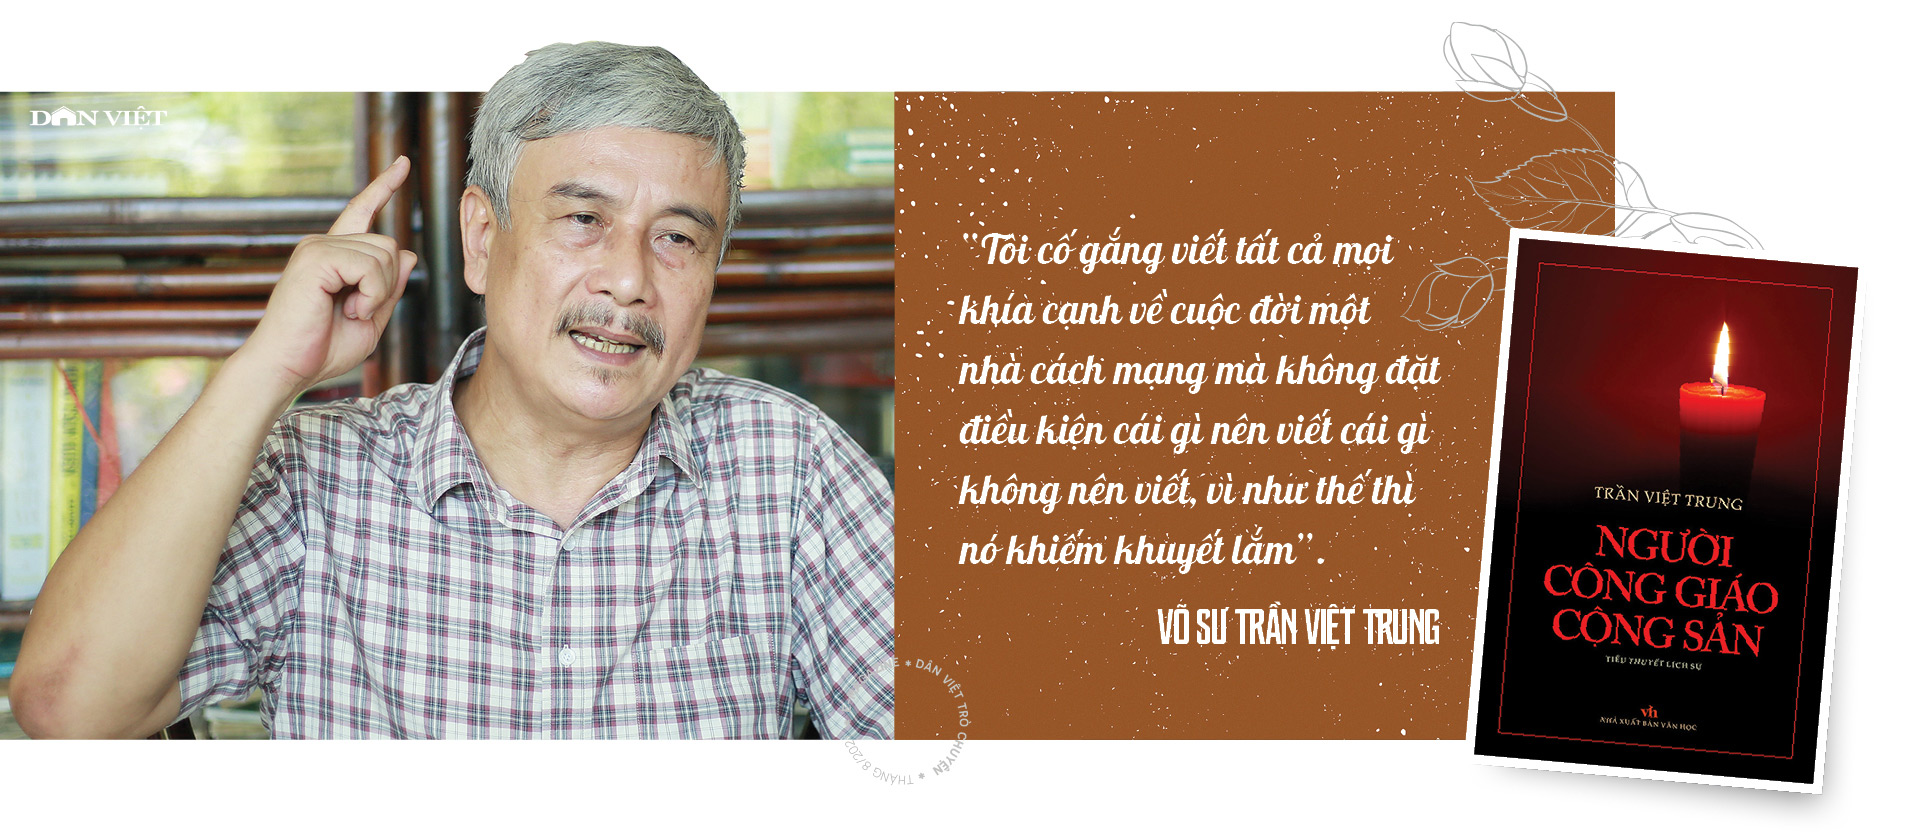 Nhà cách mạng Trần Tử Bình qua lời kể của võ sư Trần Việt Trung: Một cuộc đời như huyền thoại - Ảnh 4.